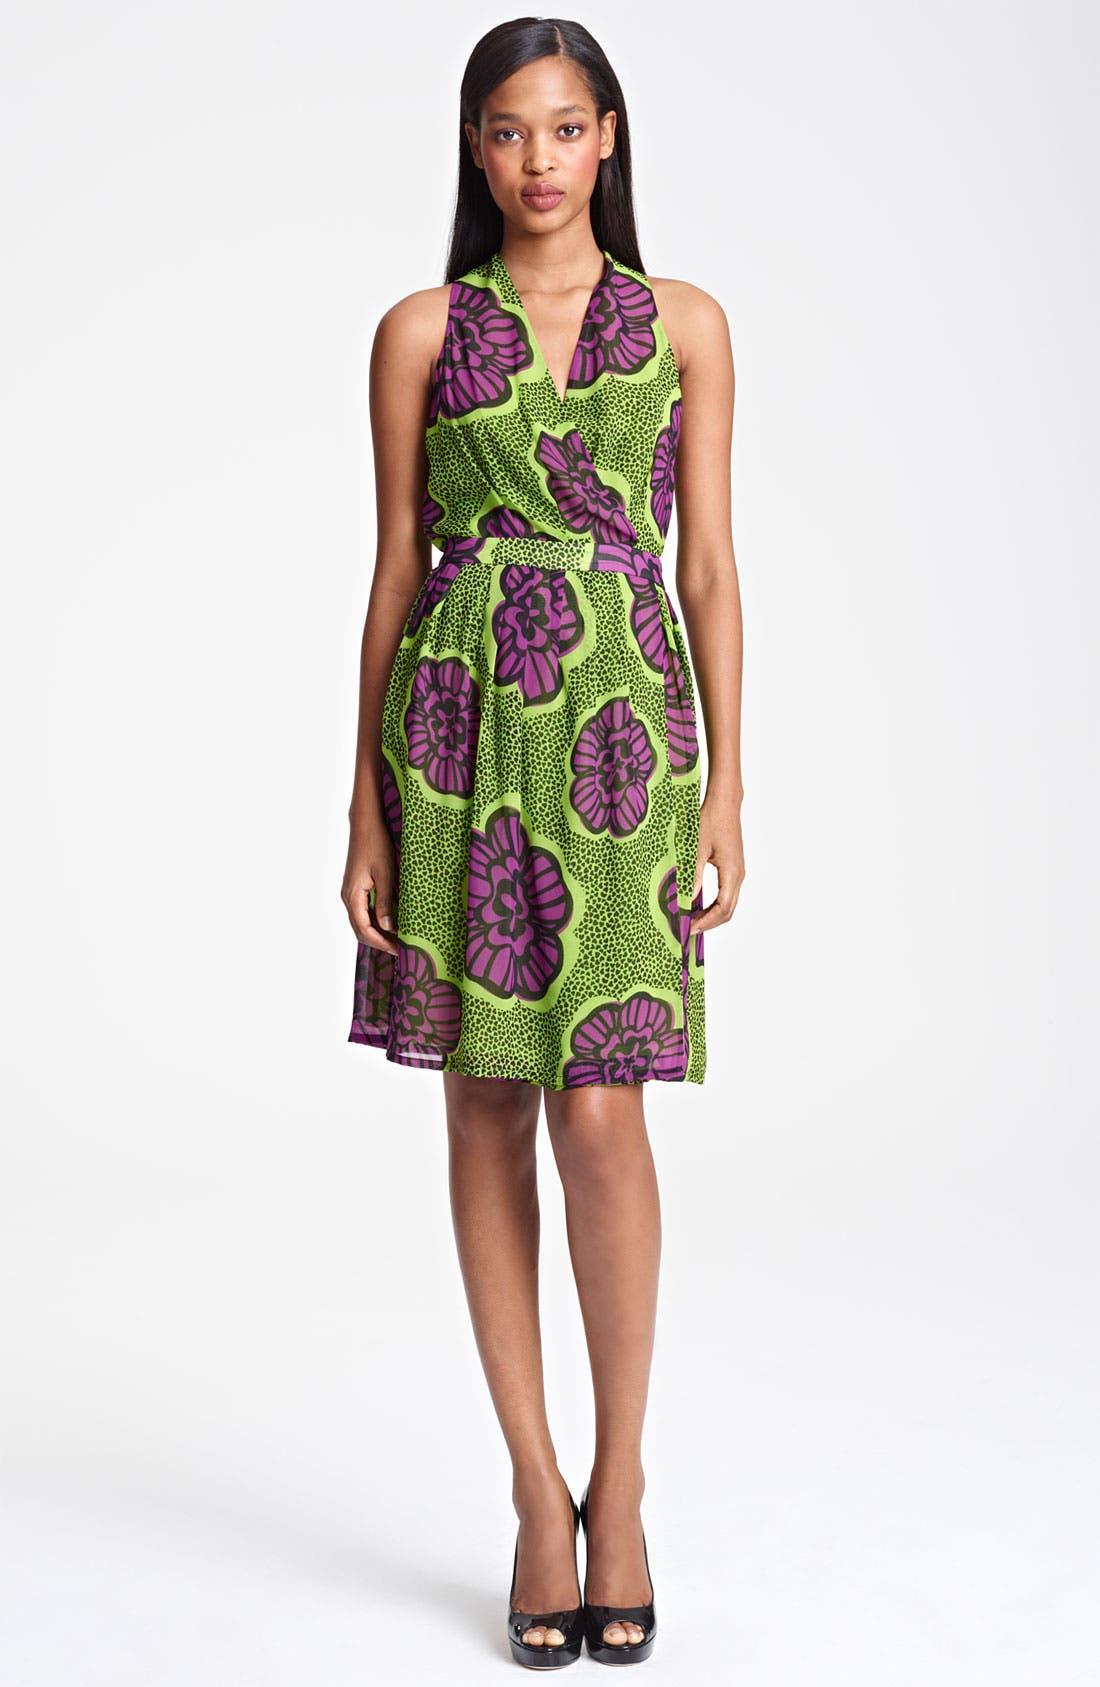 Main Image - Moschino Cheap & Chic Print Chiffon Dress